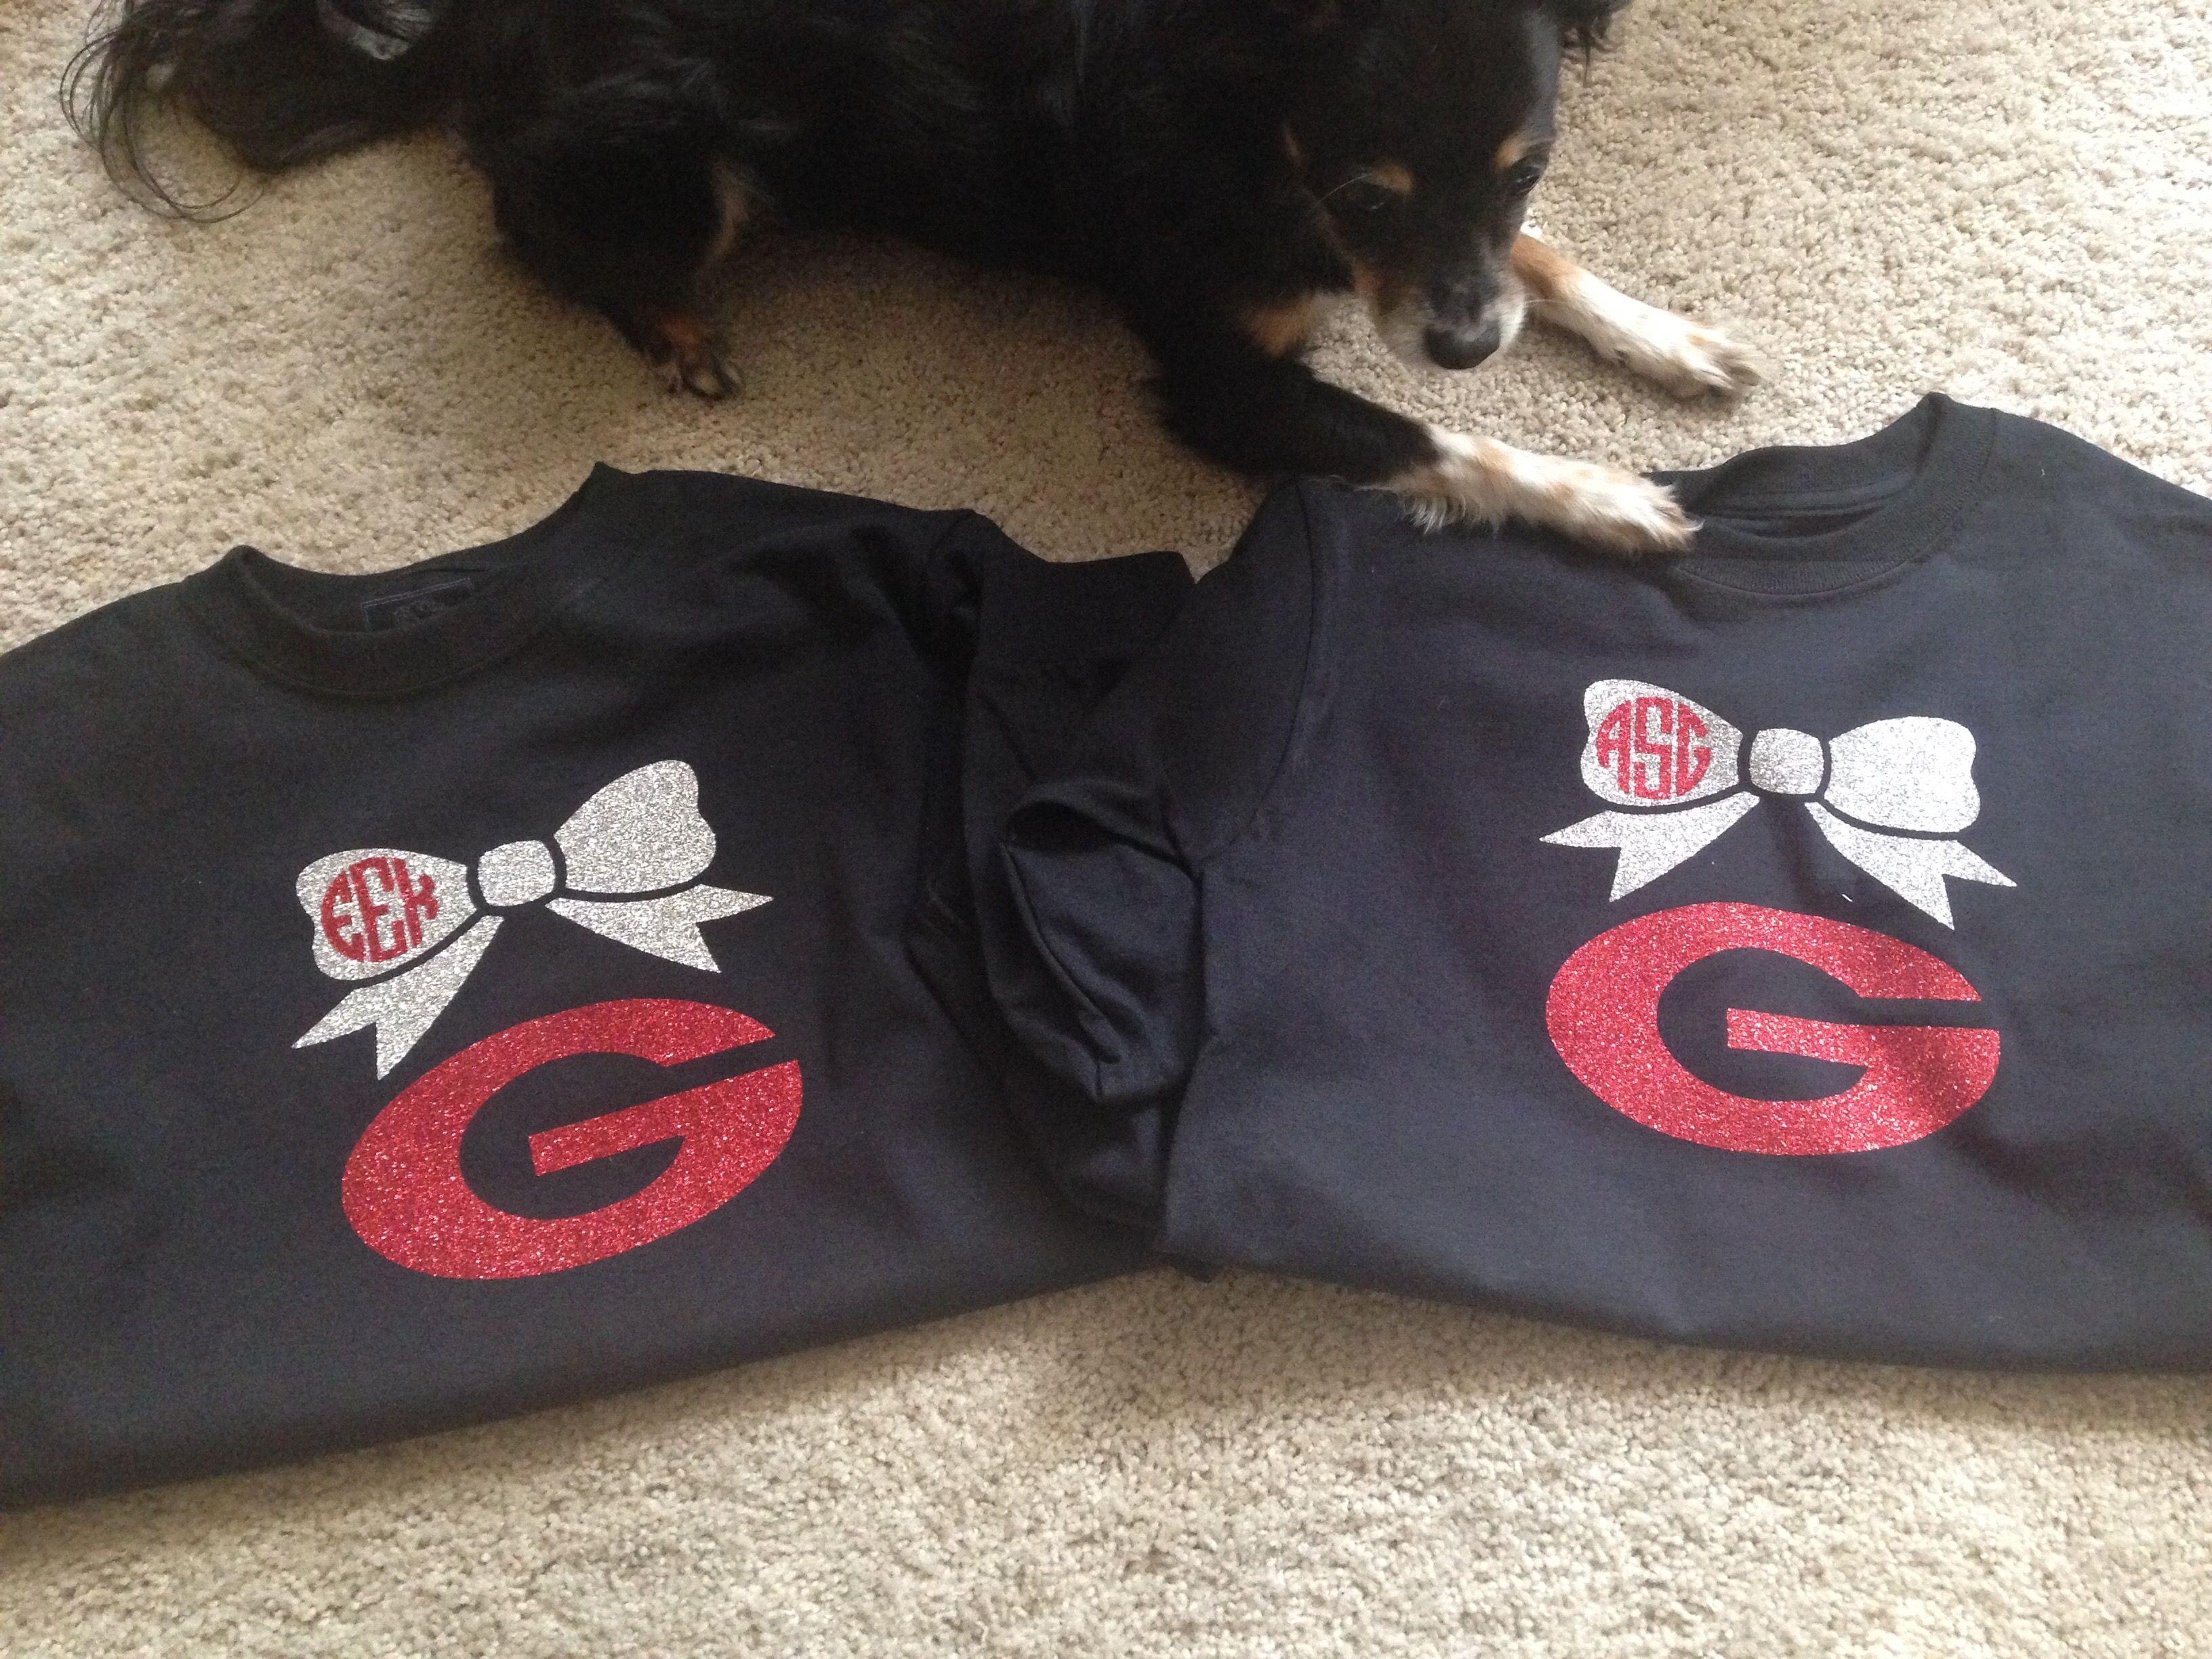 Georgia Bulldog Tshirts With Bow And Monogram Bulldog Tshirt